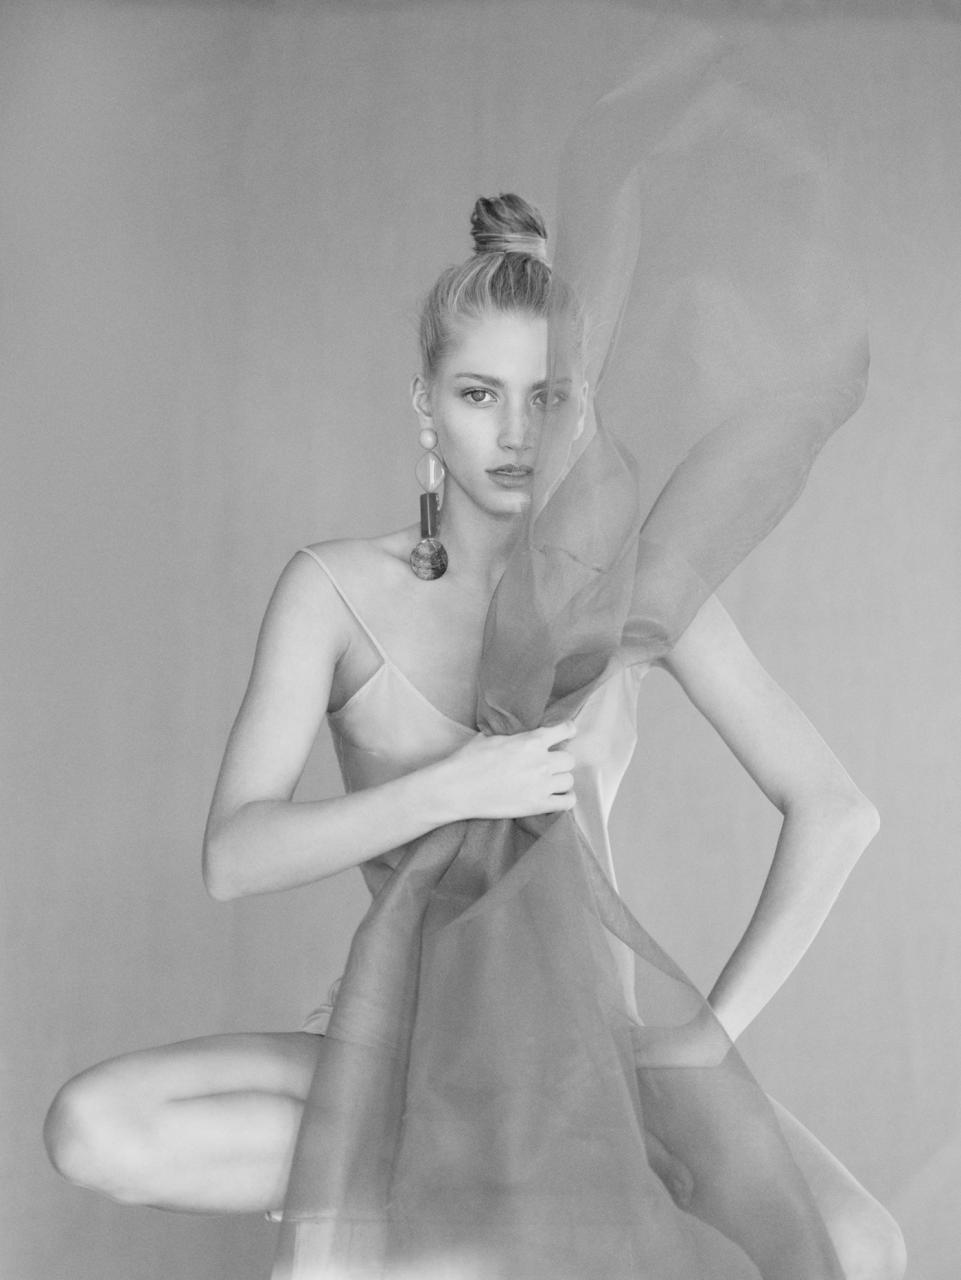 俄罗斯摄影师Elena Iv-skaya 人像摄影作品 时尚图库 第8张